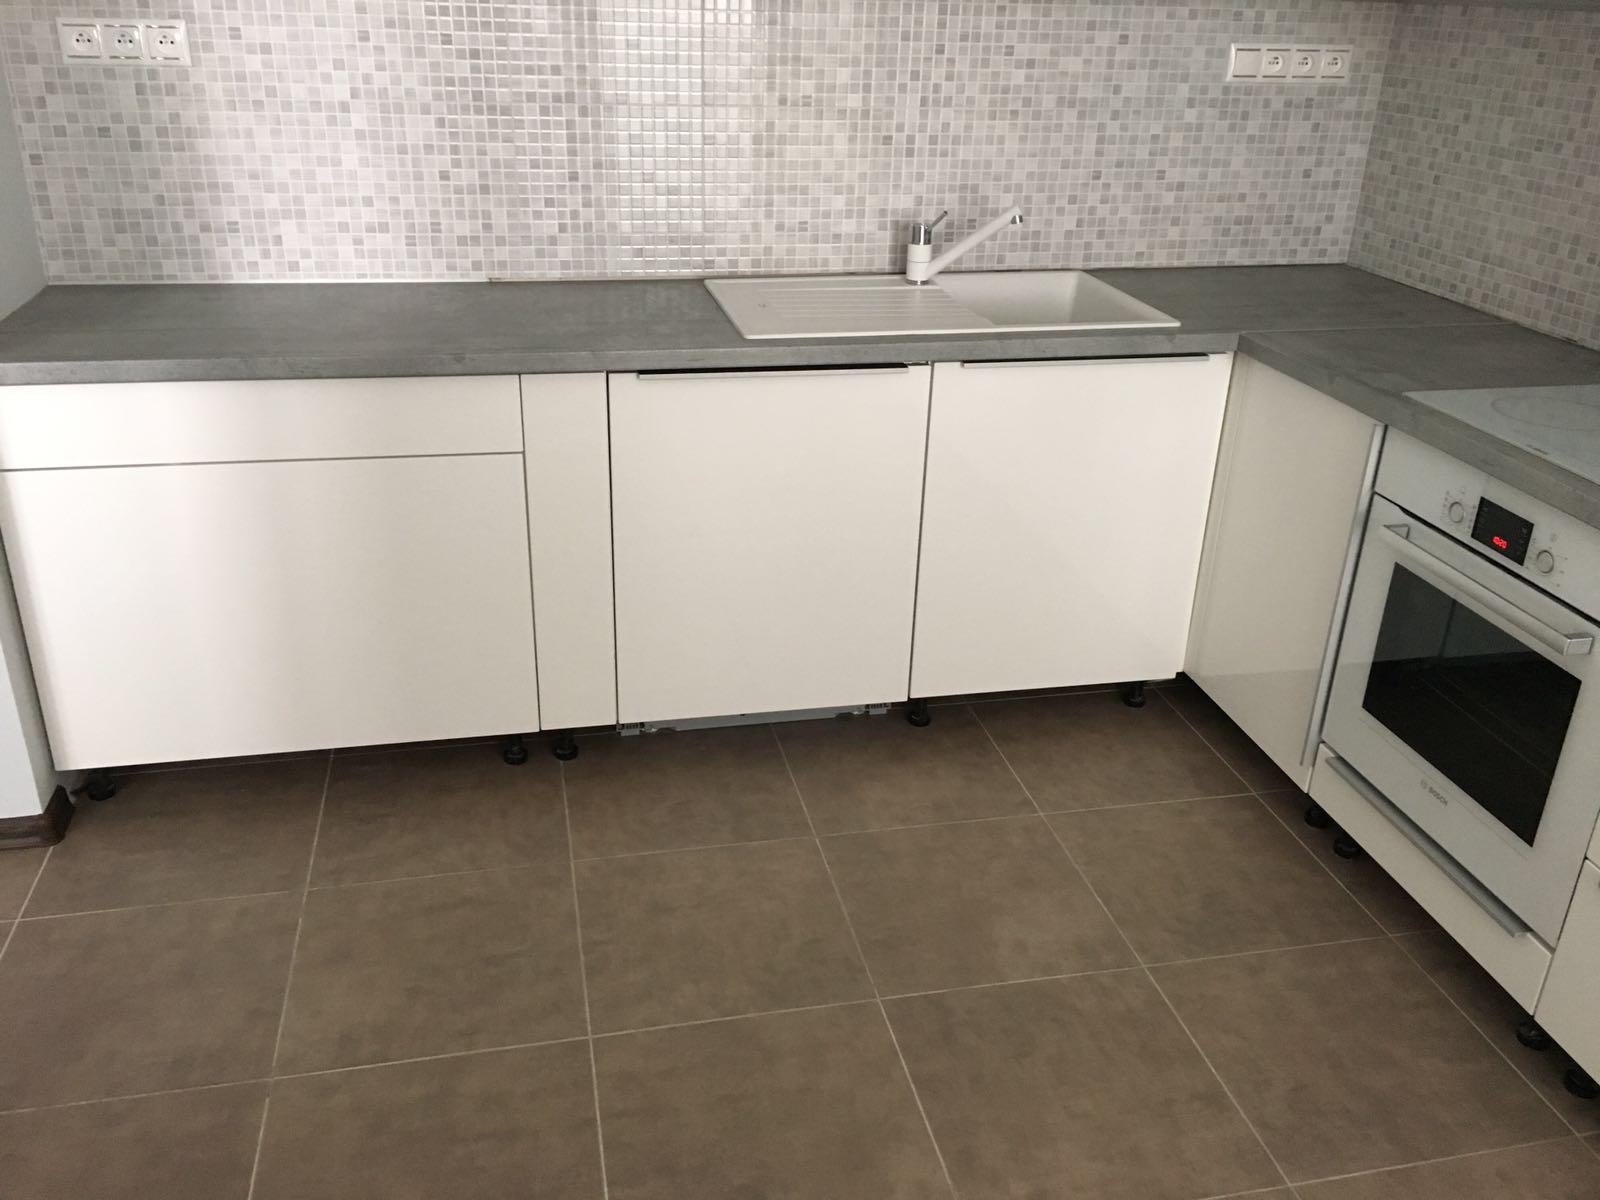 Náš domov :-) - Biela kuchynka, to bol vzdy moj sen :-)